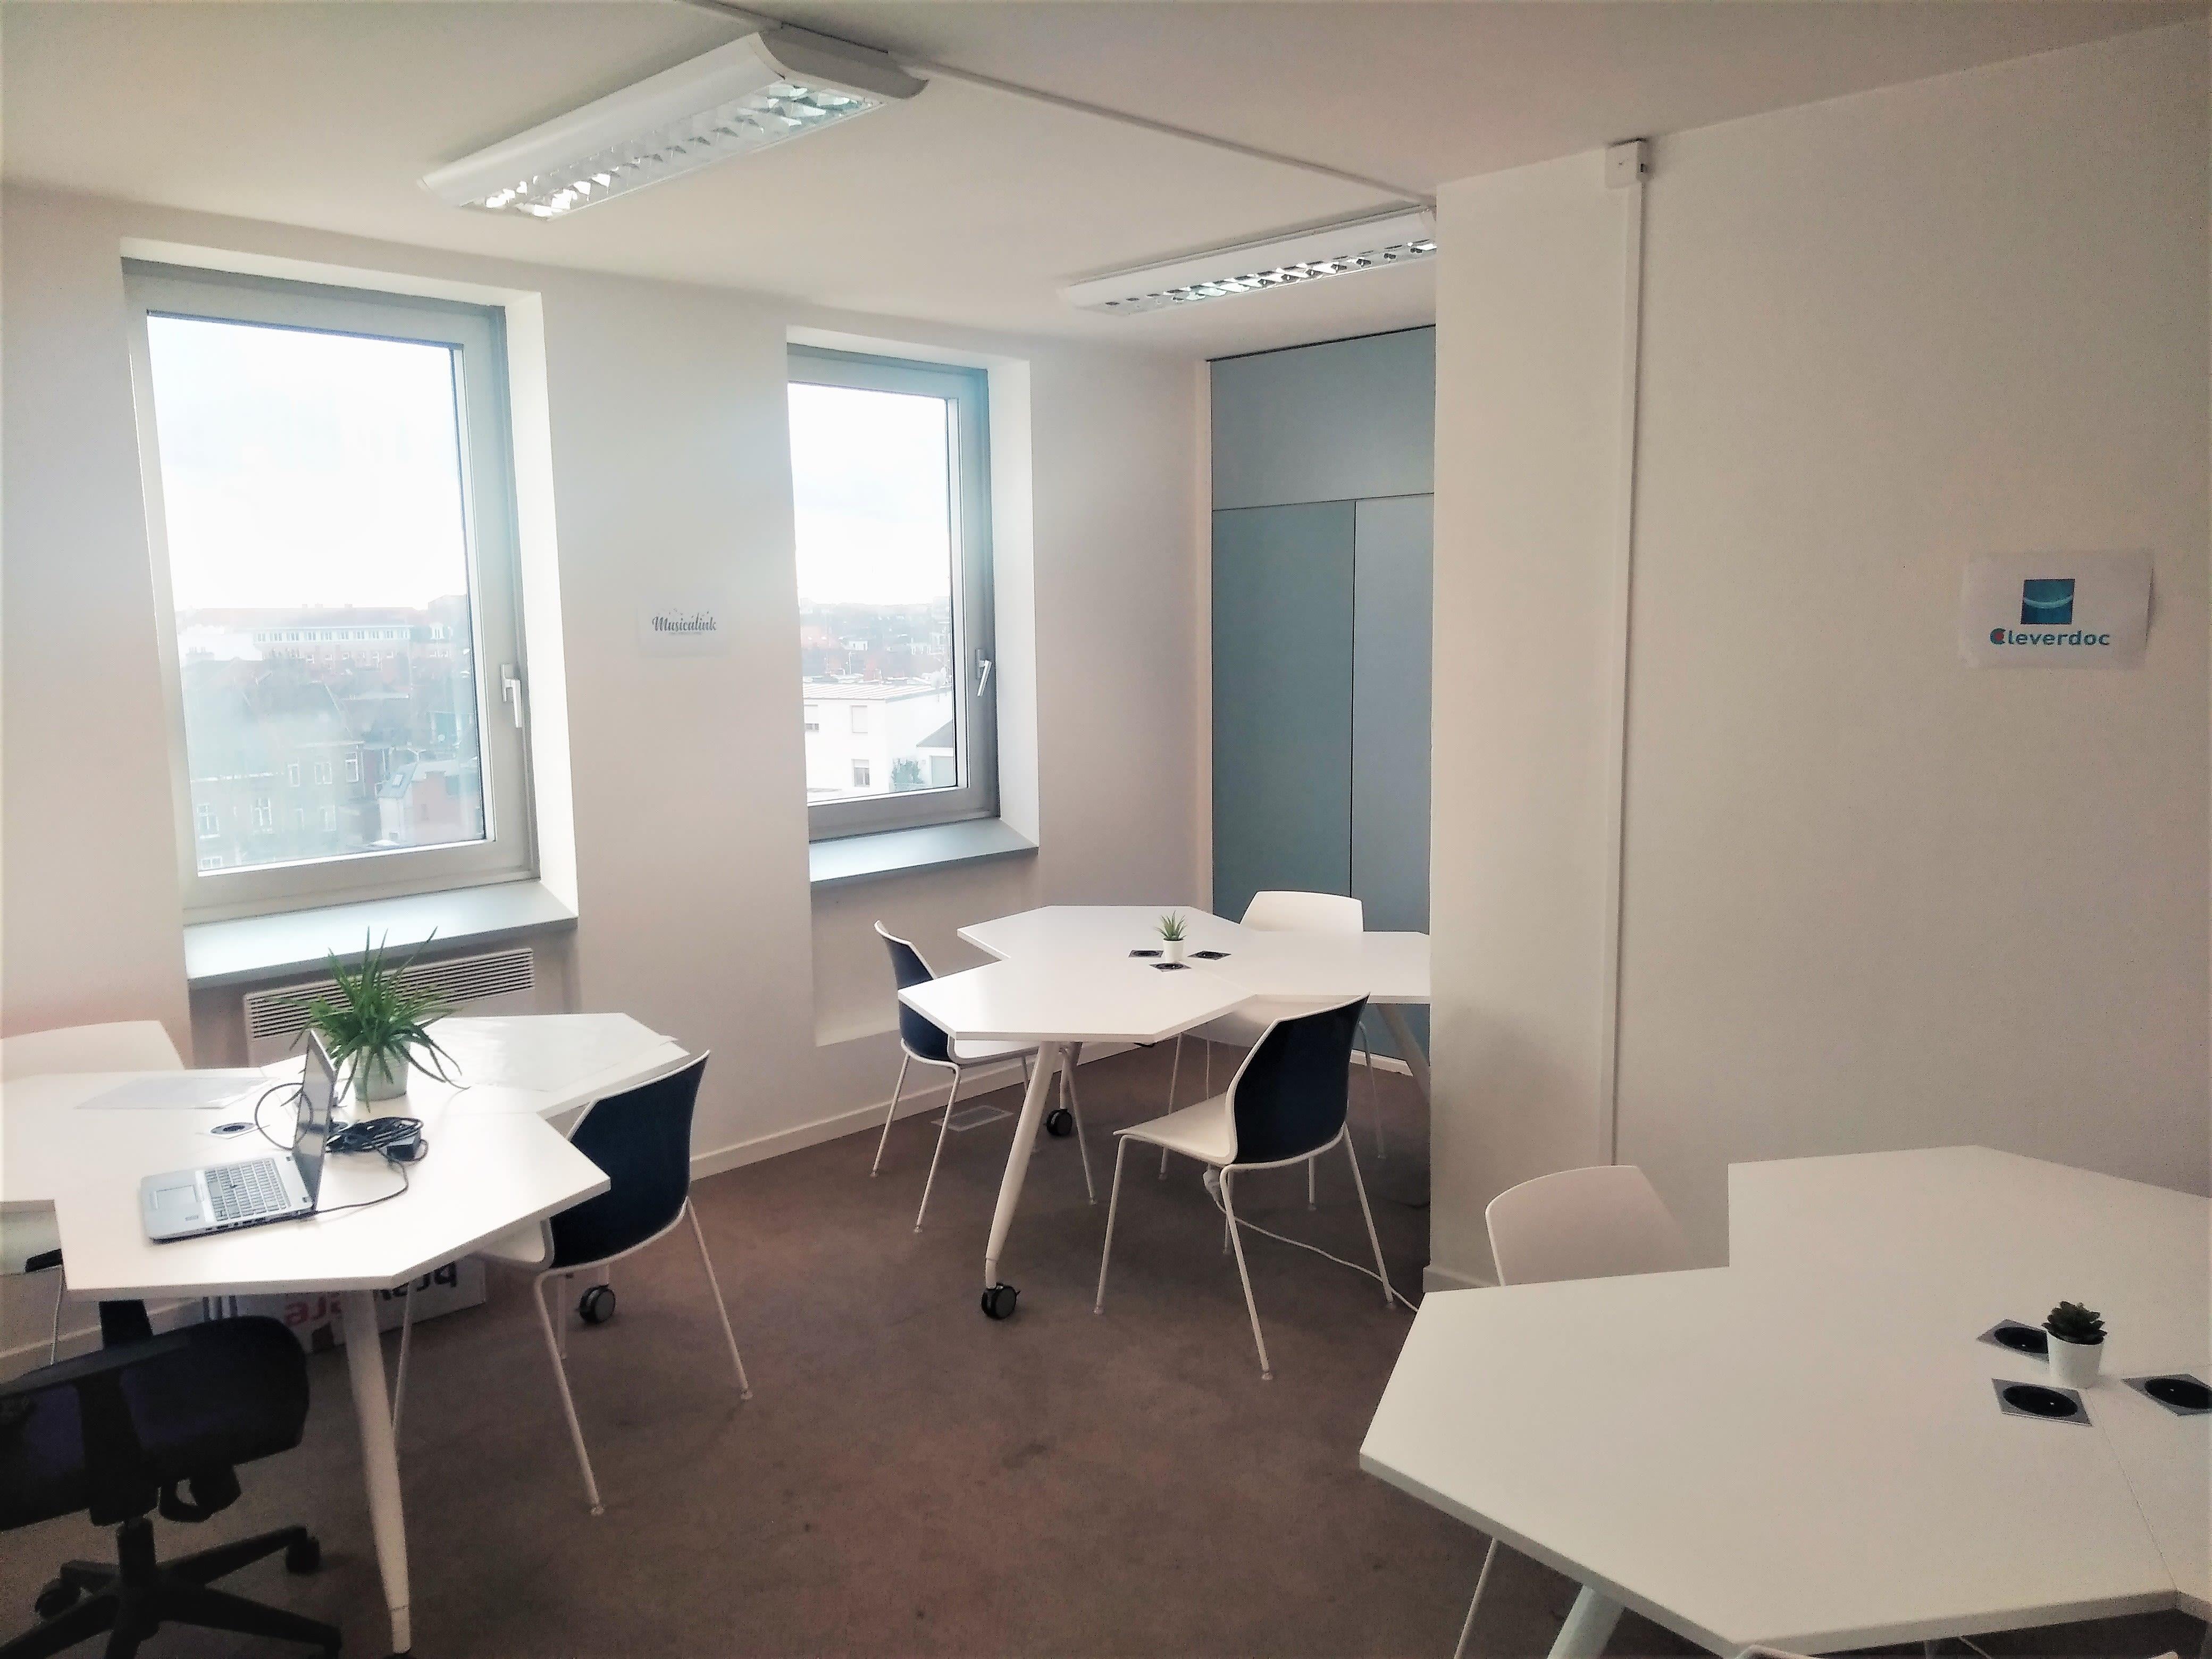 espace partagé d'une capacité de 6 personnes à Lille